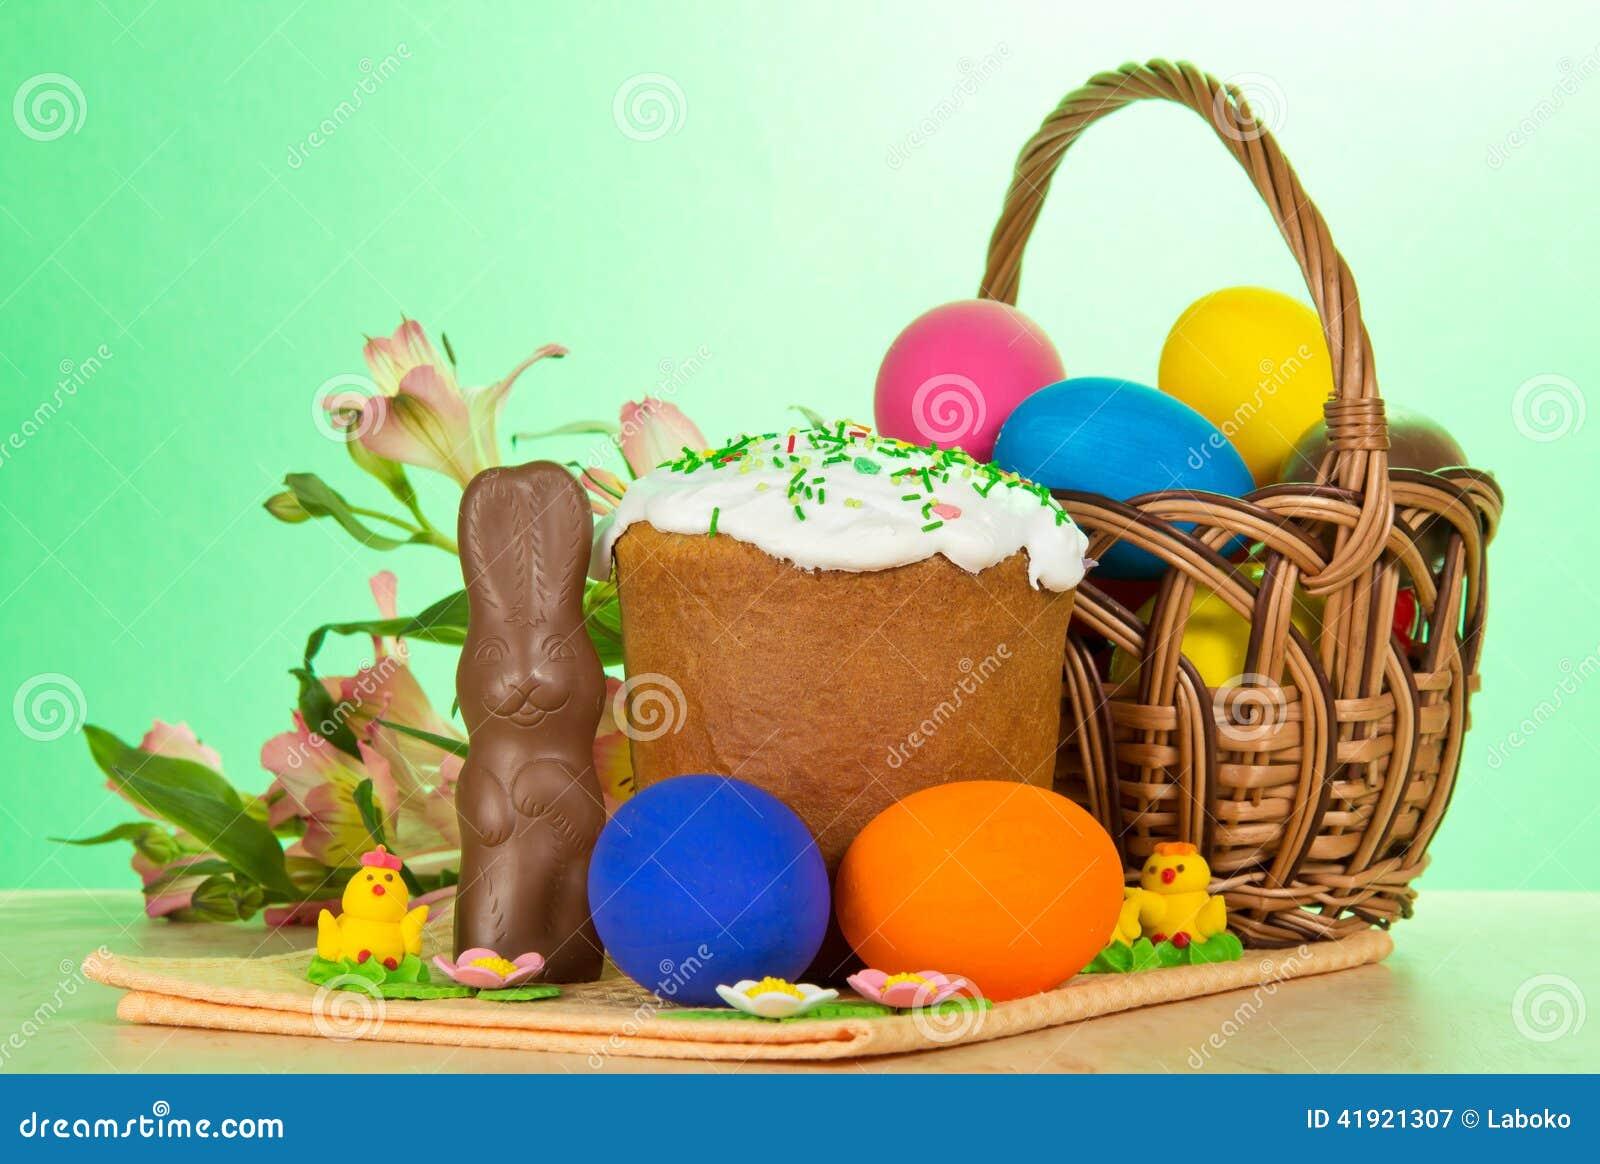 Ägg, en påskkaka, kanin och alstromeria